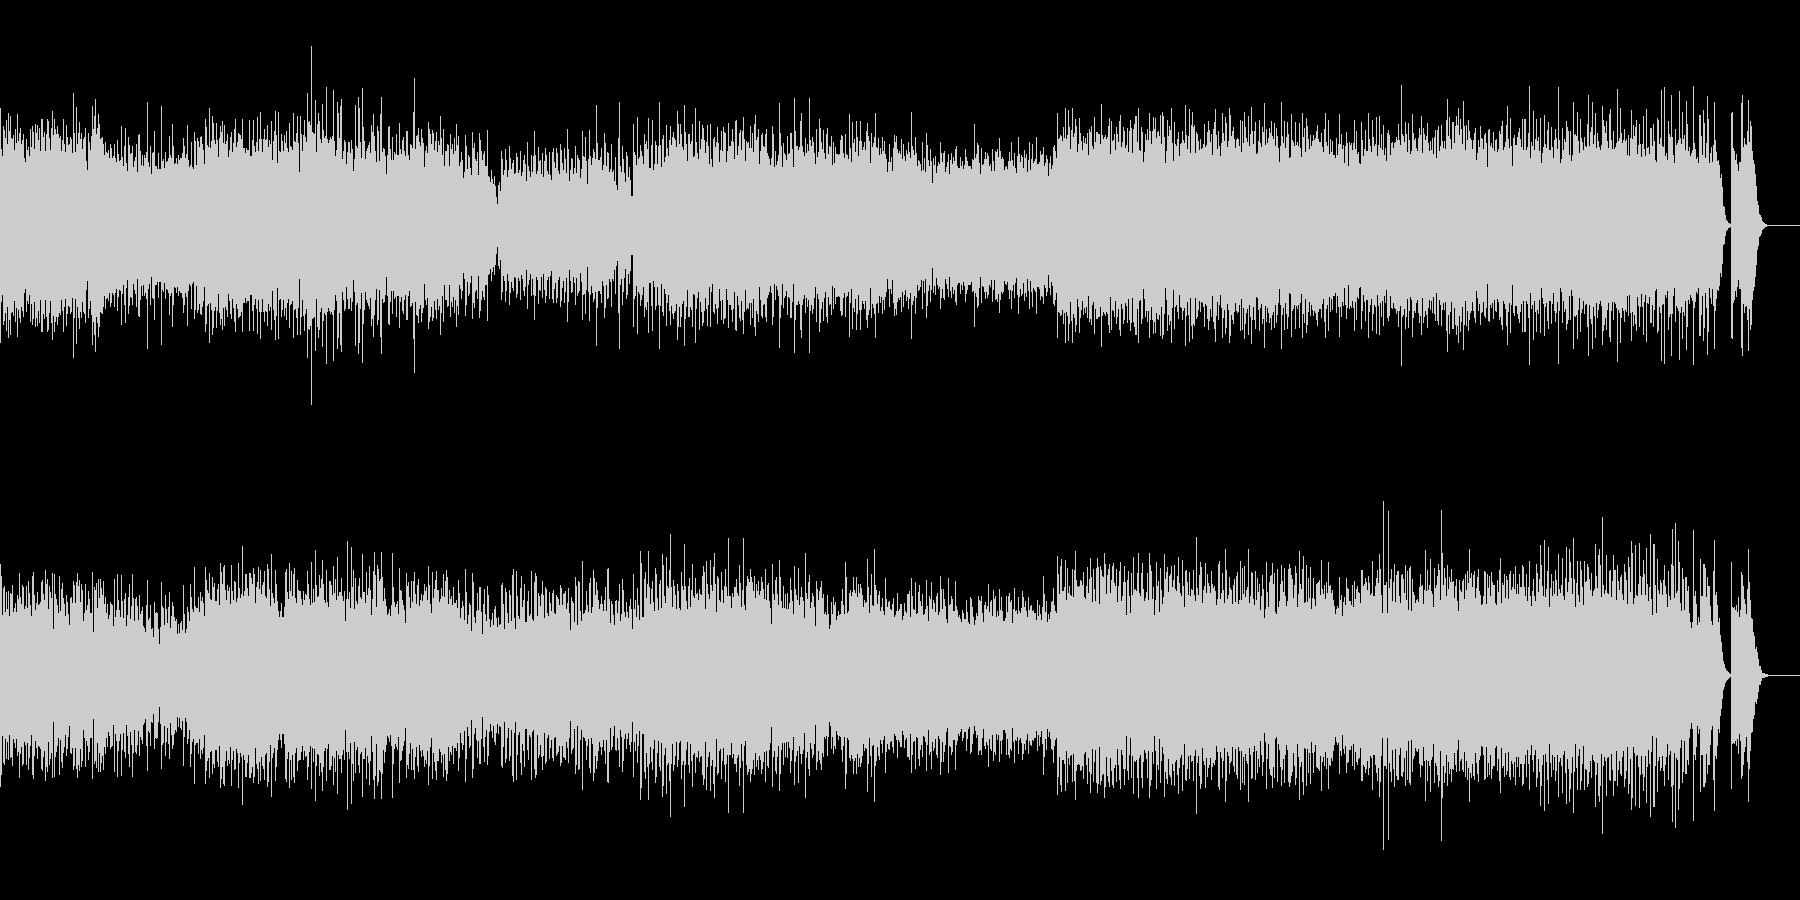 セントポール組曲 第一楽章ジーグの未再生の波形